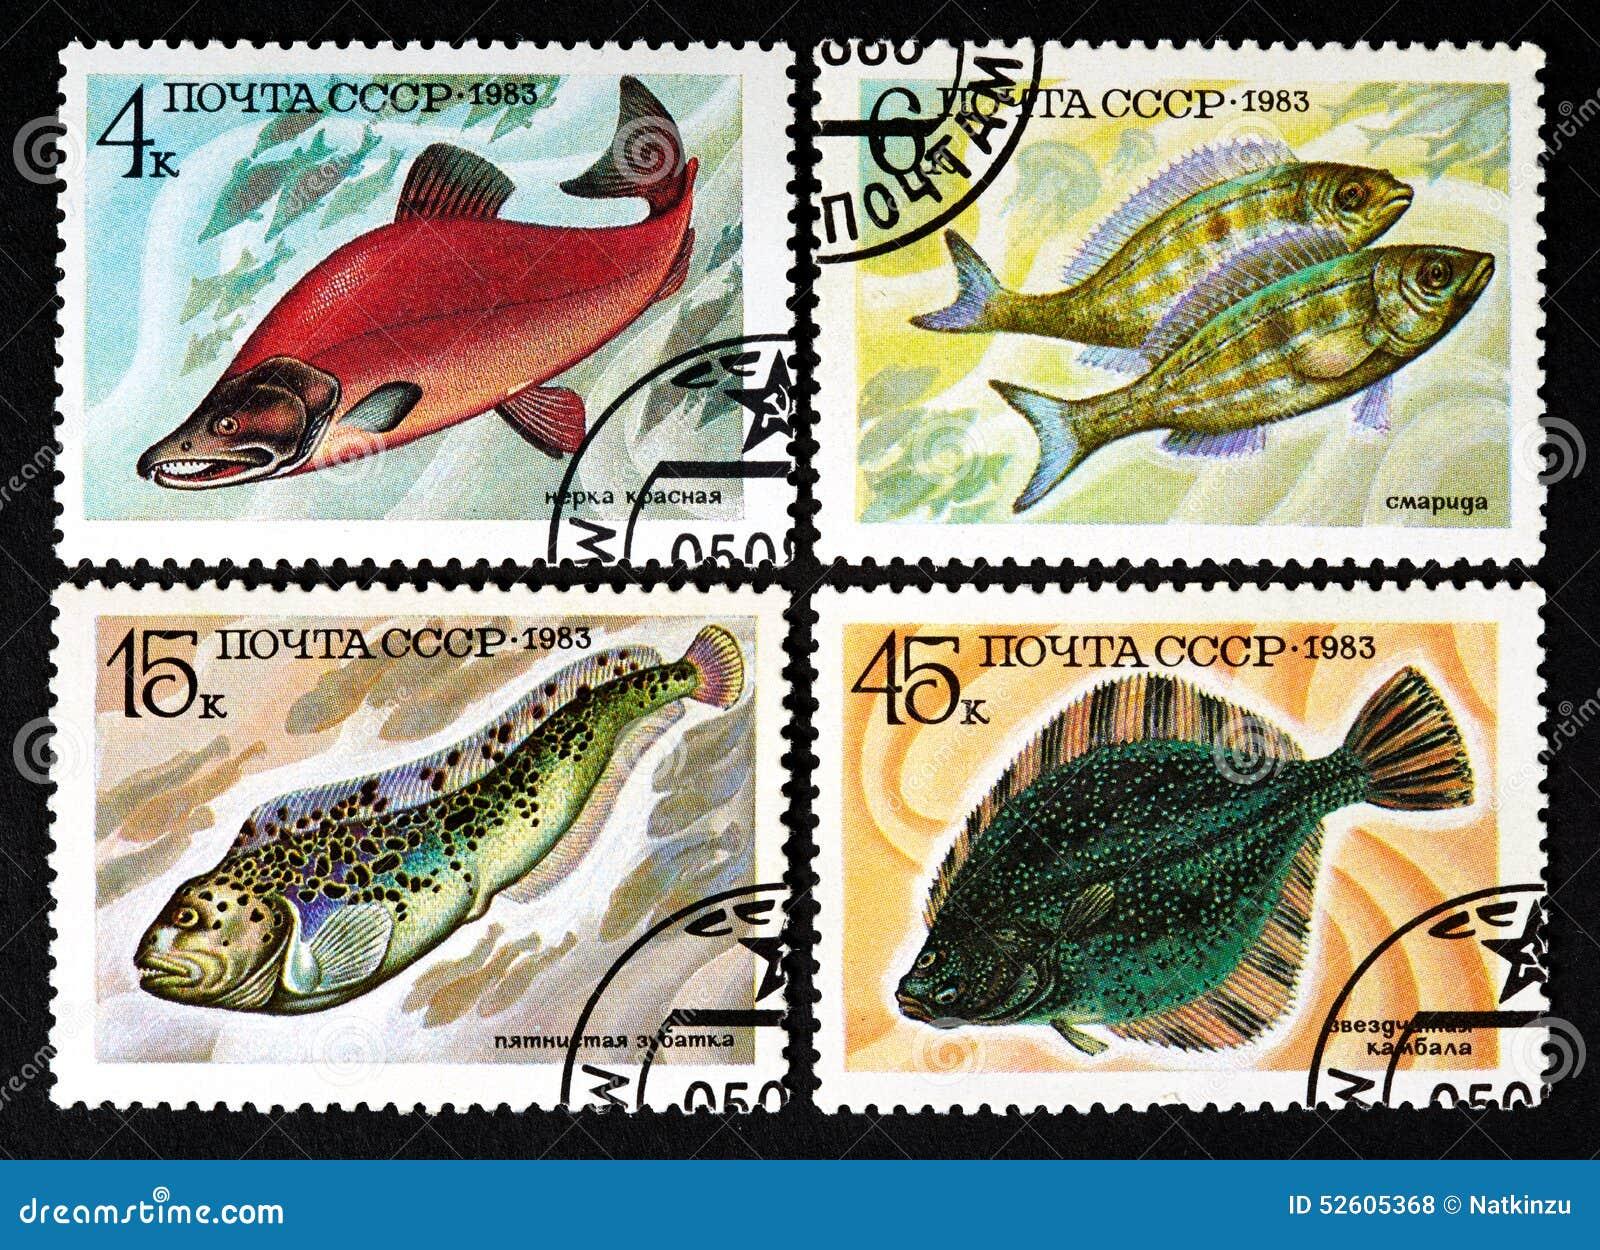 USSR - OKOŁO 1983: serie znaczki drukujący w USSR, przedstawienie ryba OKOŁO 1983,